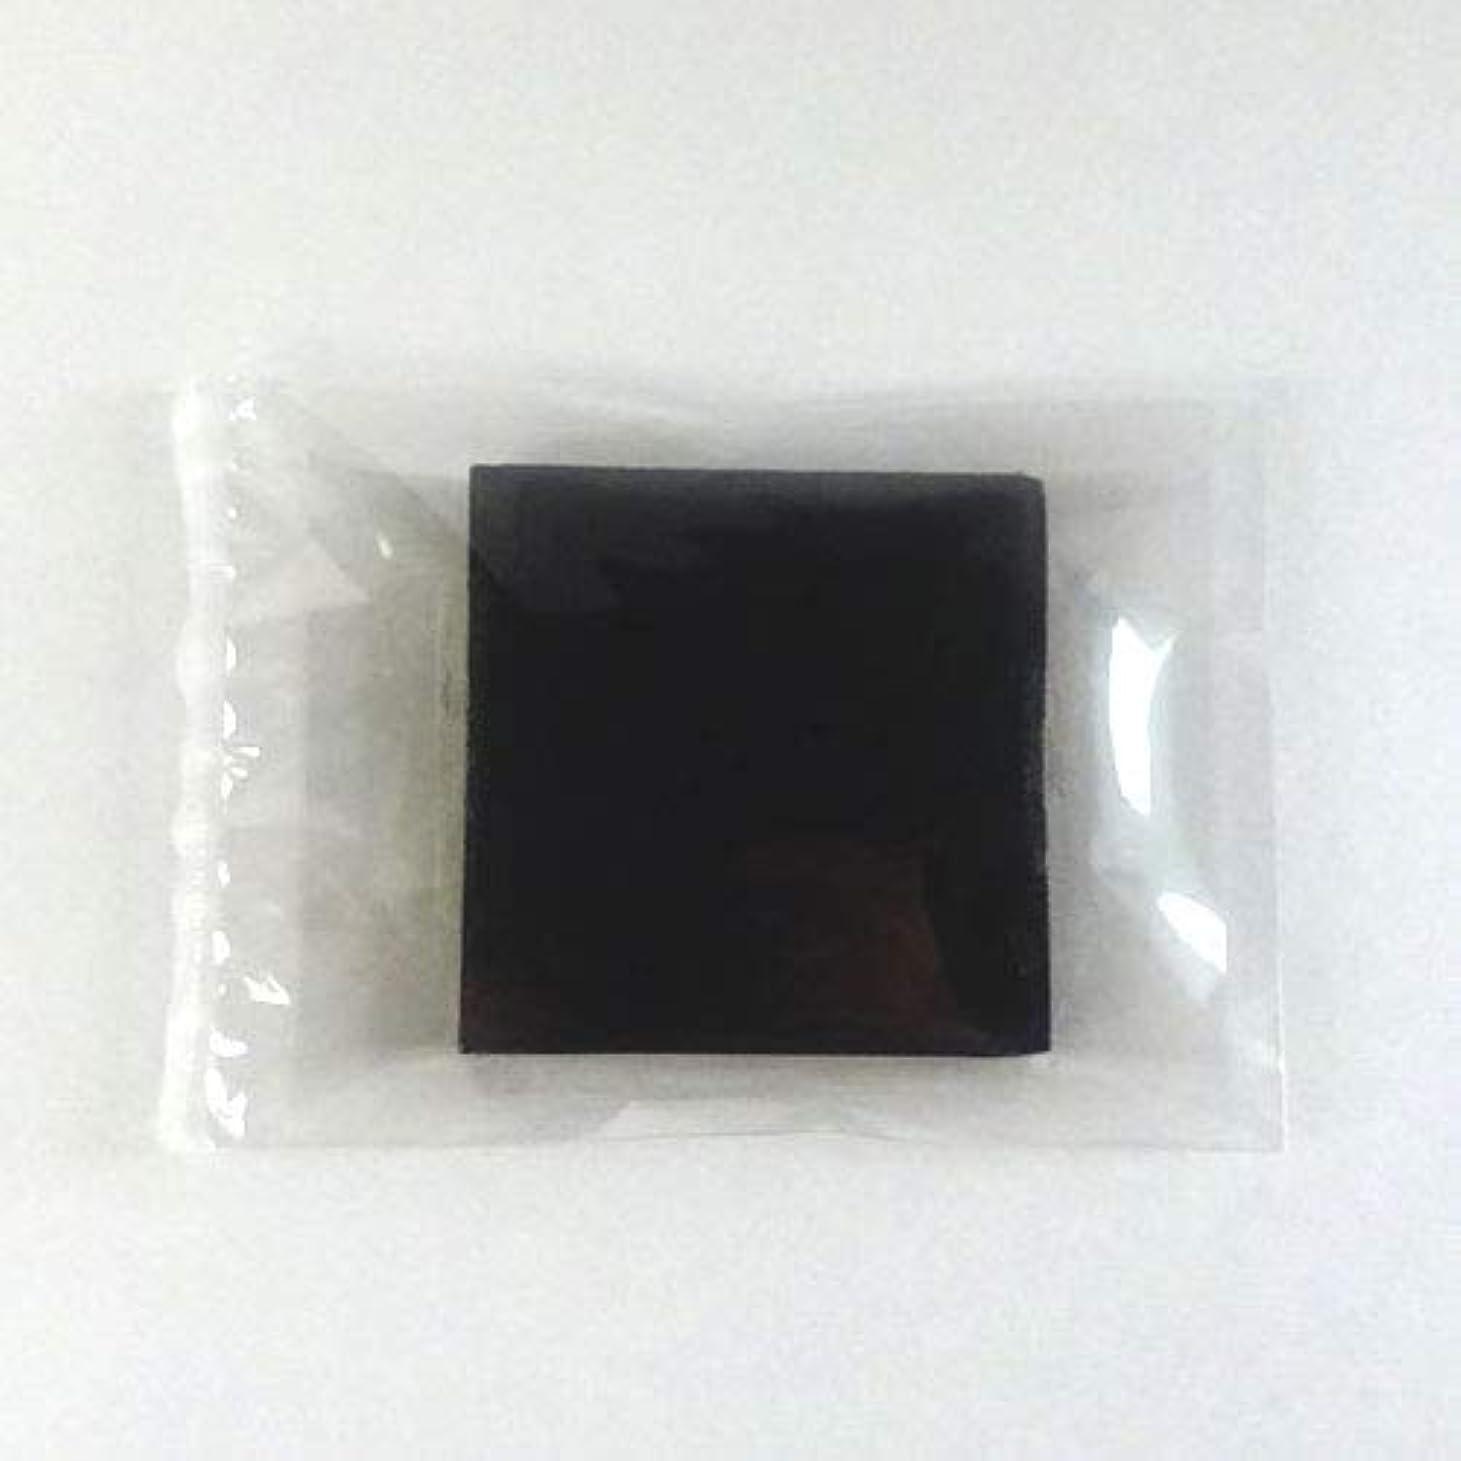 リード偏差雑多なグリセリンソープ MPソープ 色チッププ 黒(ブラック) 60g (30g x 2pc)